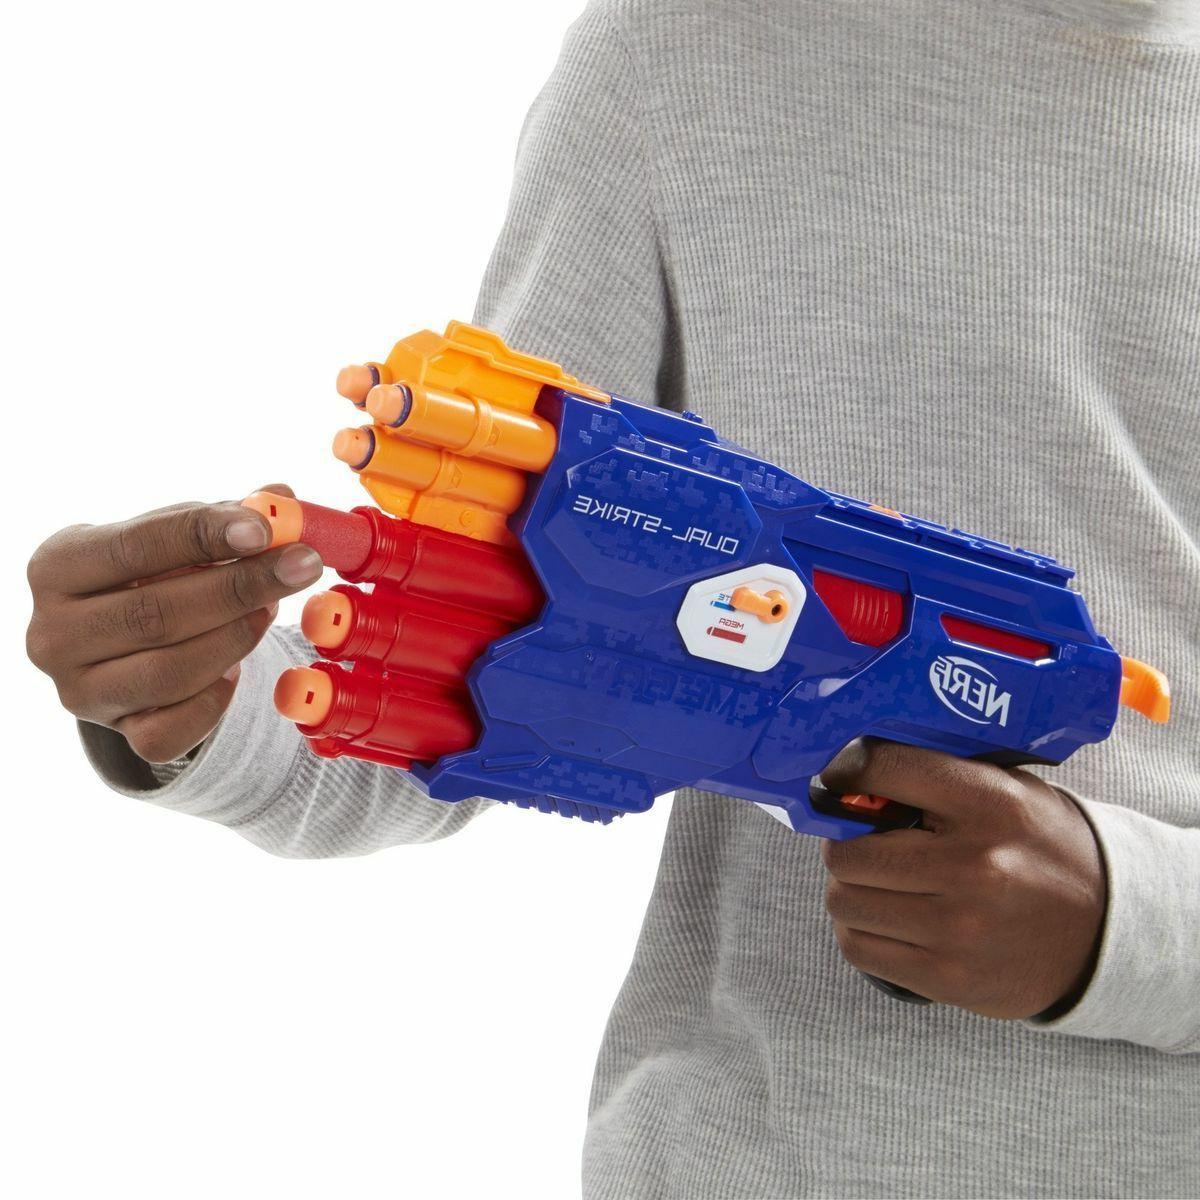 Toys Children Foam Blaster for 4 6 7 10 Years Olds